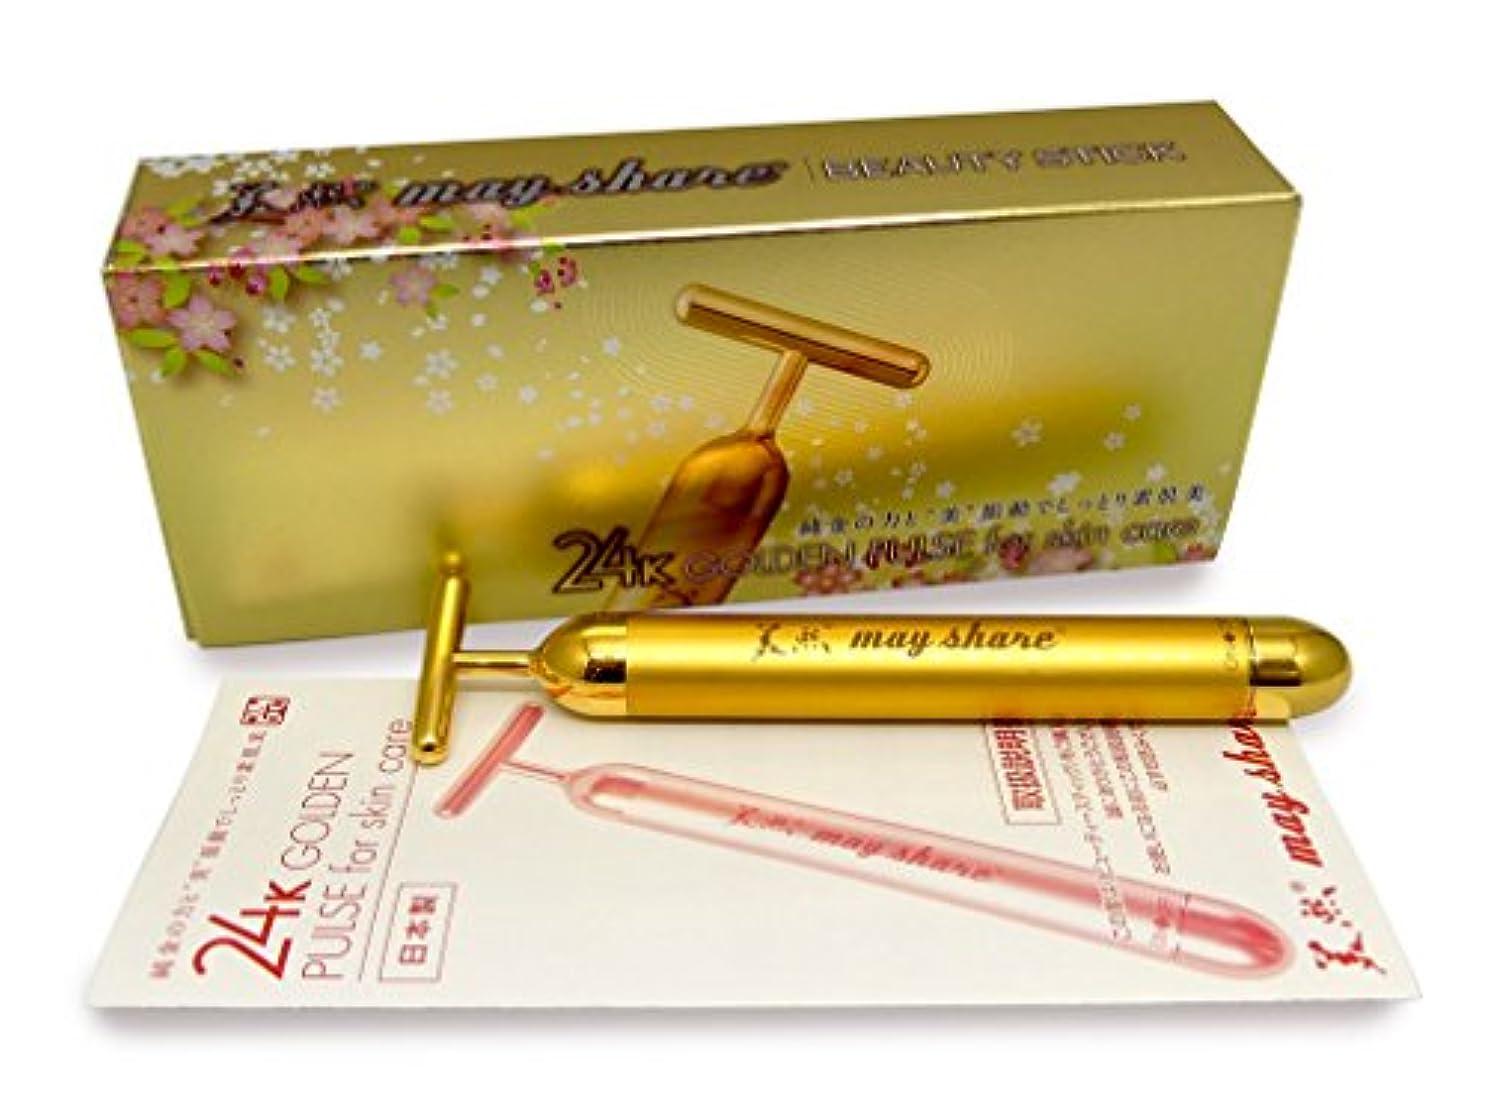 持ってる触手プラットフォーム日本製 24Kゴールドビューティースティック(T型)Beauty Stick 黄金棒 MS-1